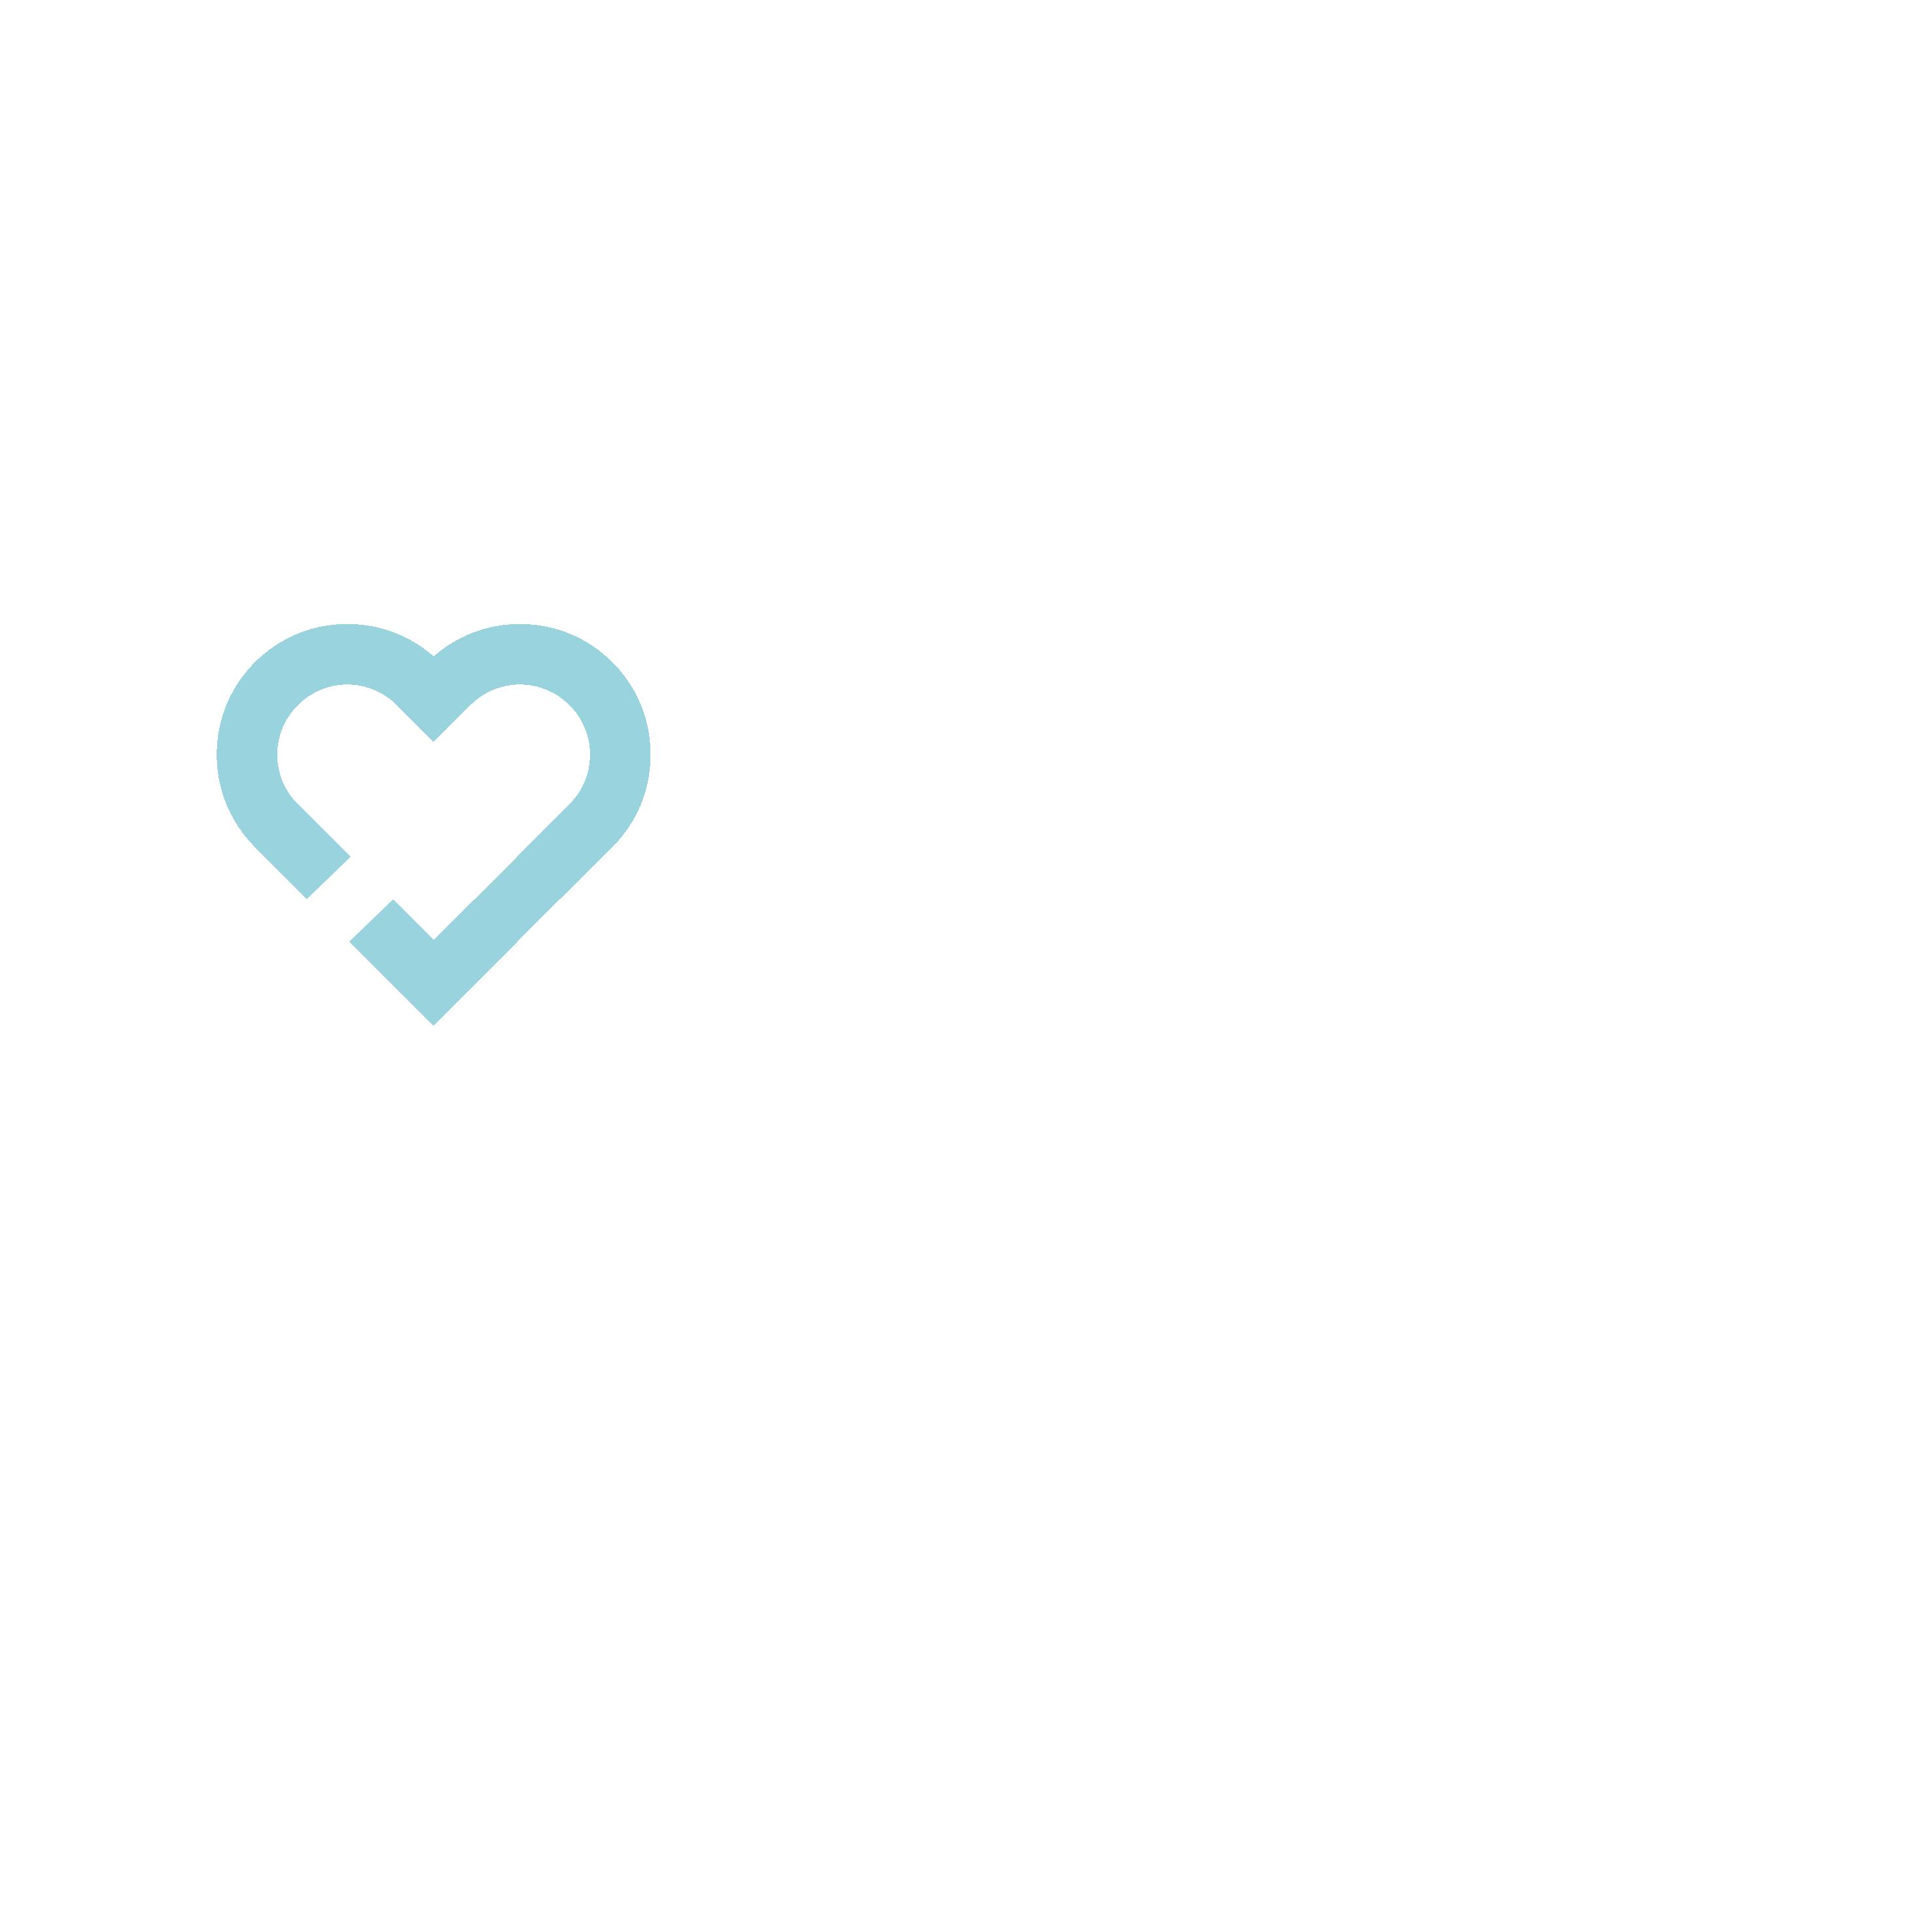 arzal